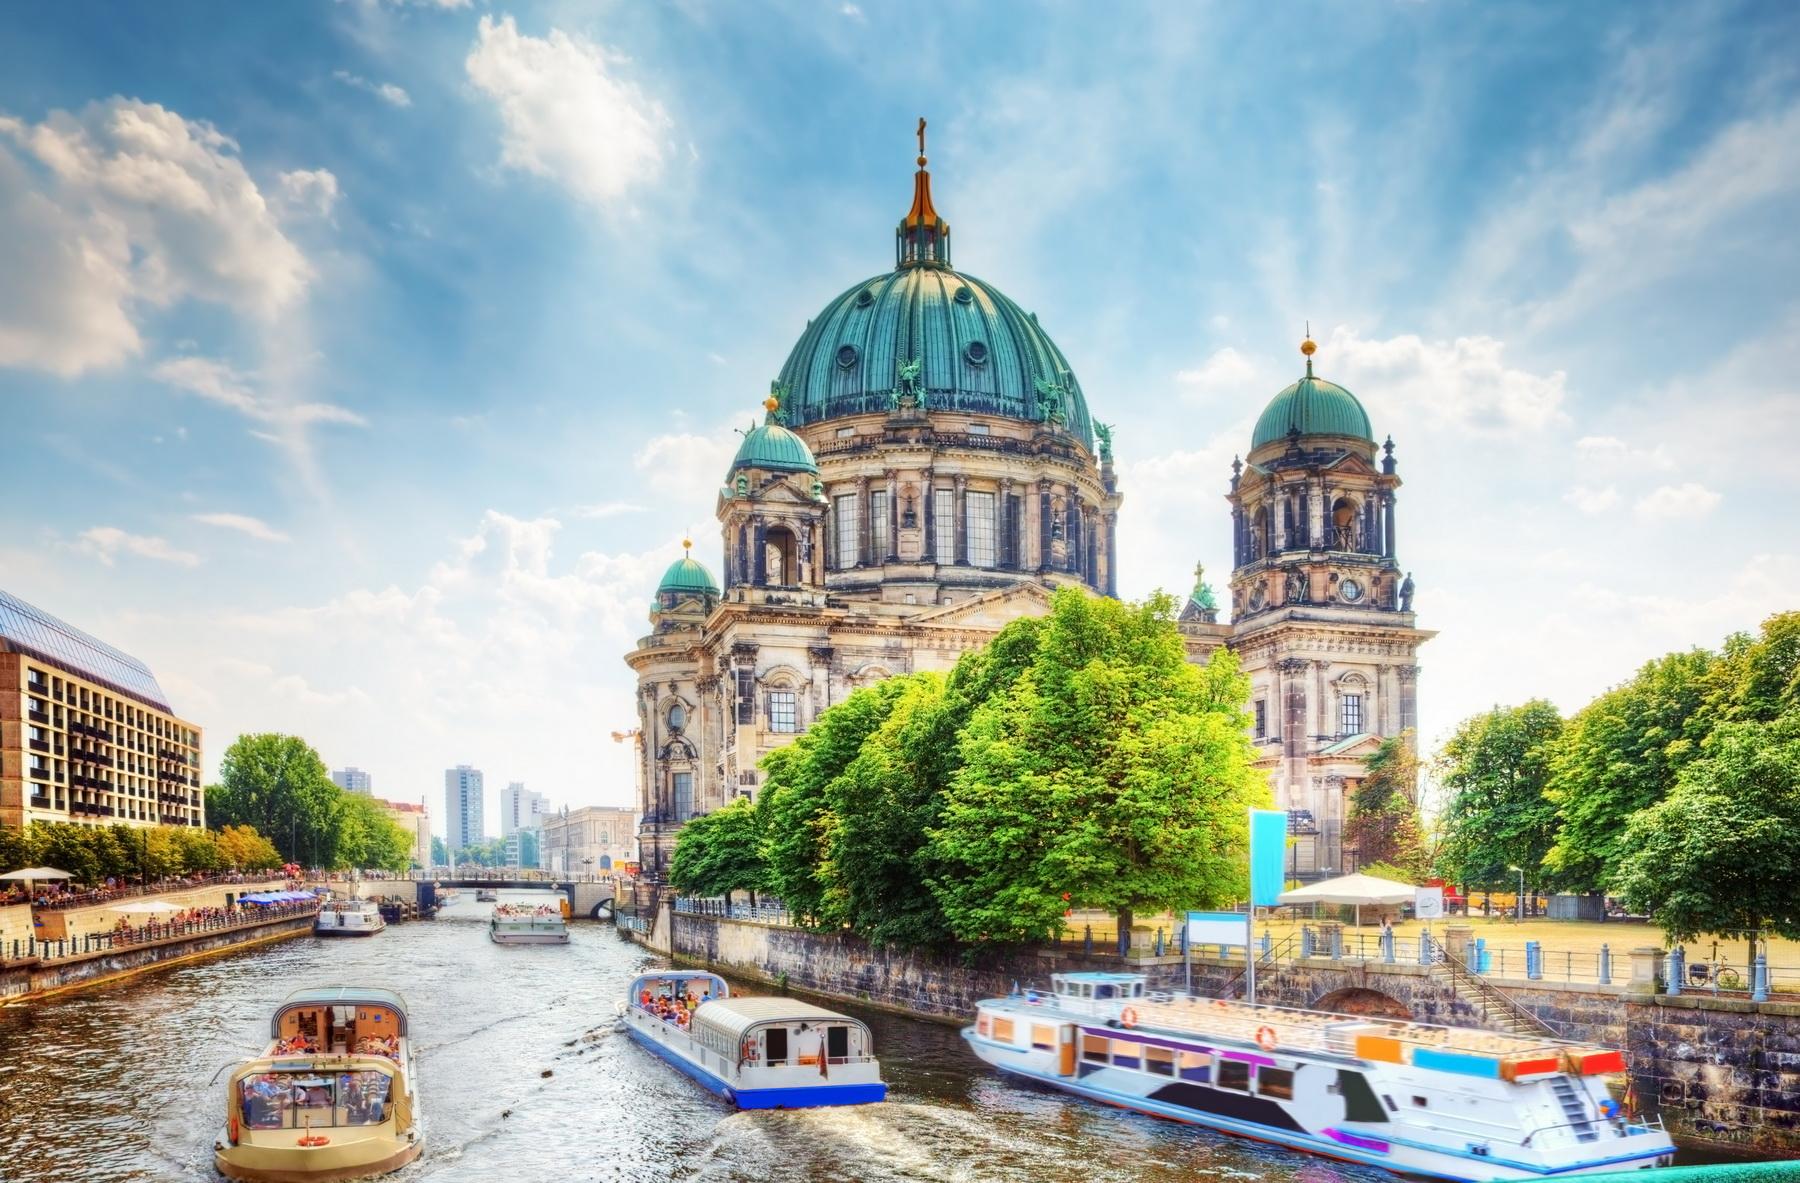 Điểm danh TOP các thành phố lý tưởng du học Đức 2017